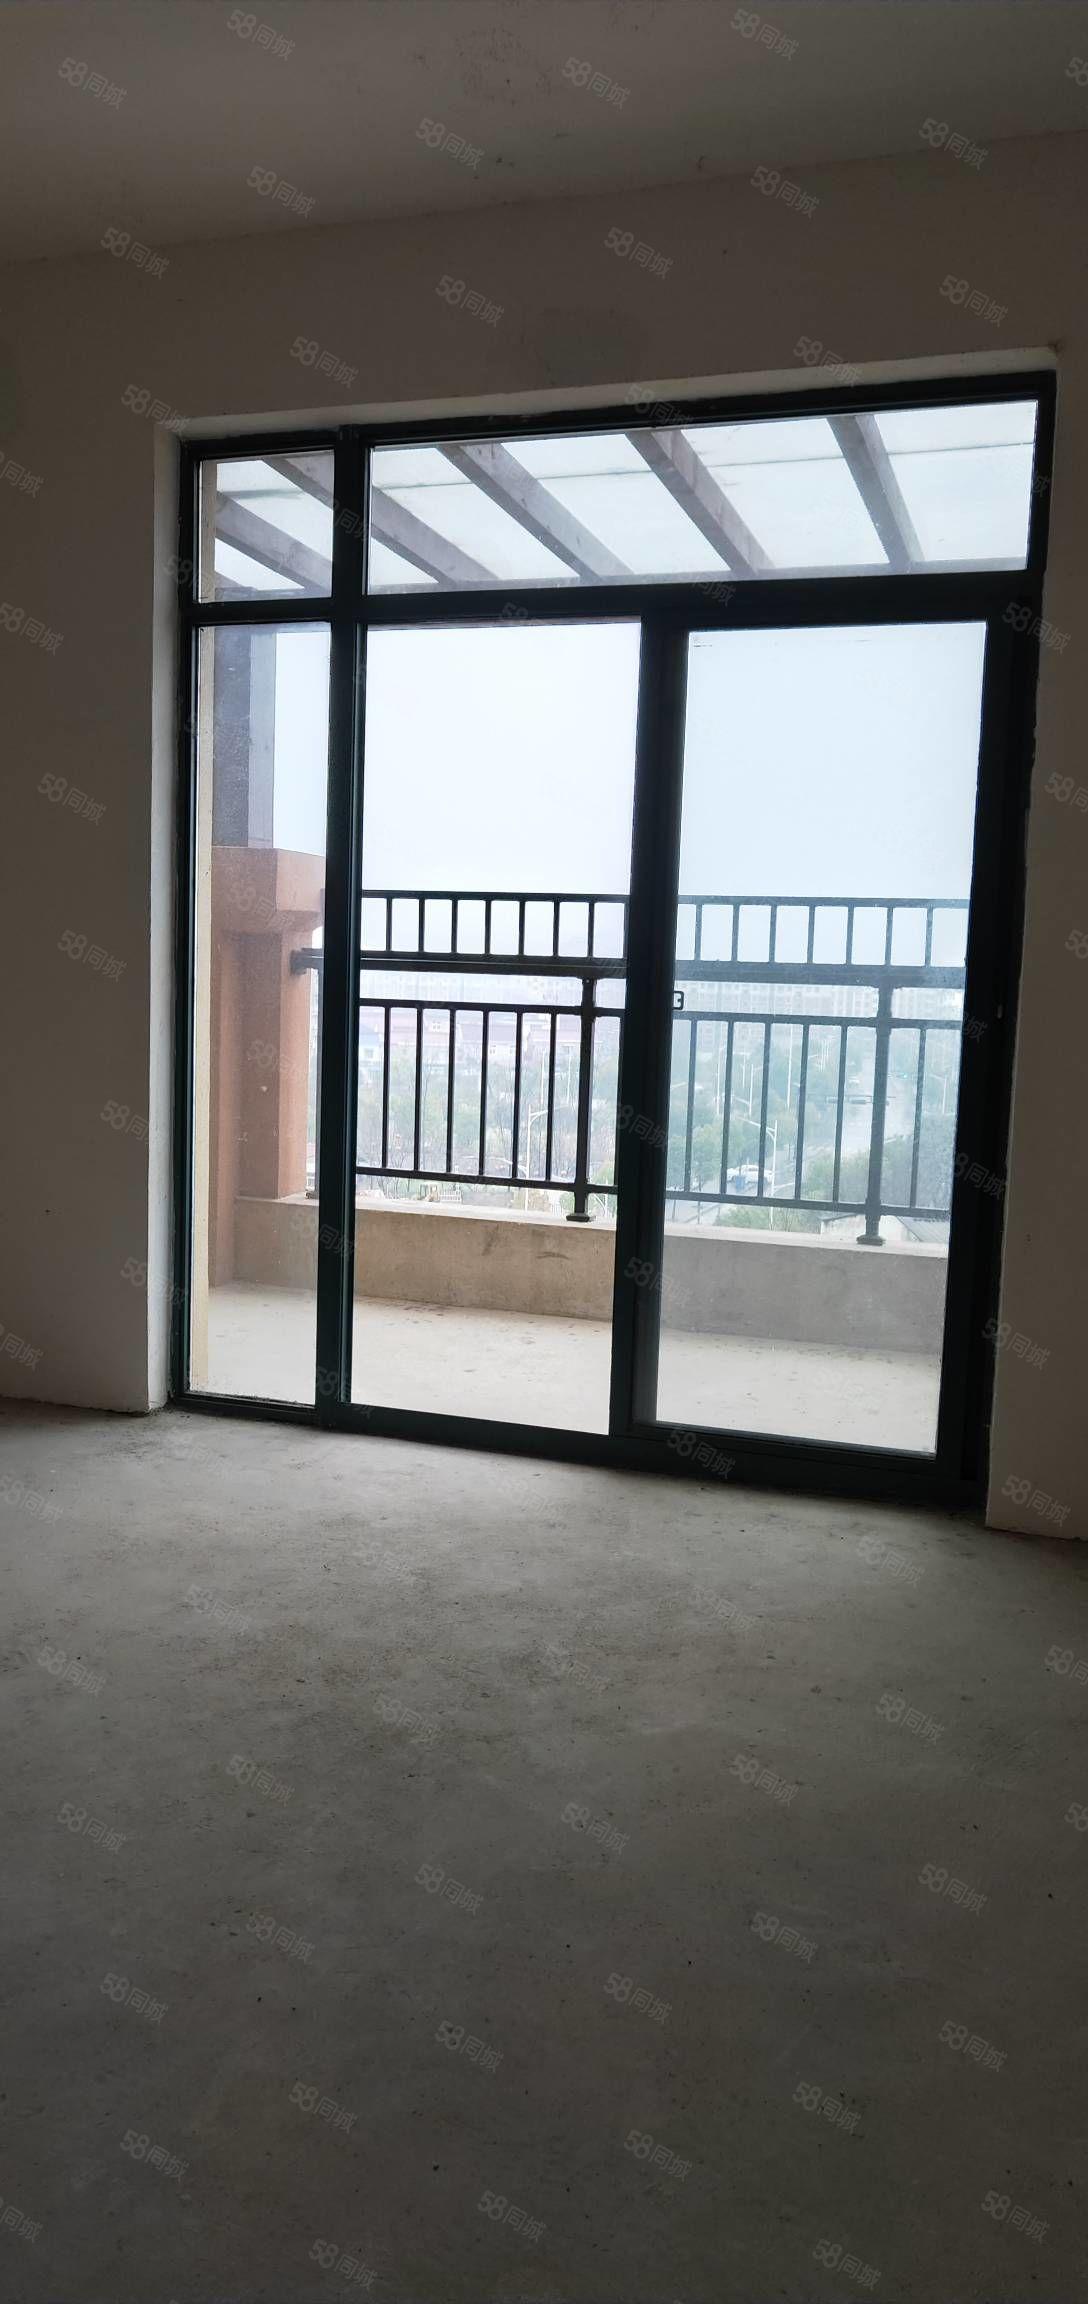 西小學趣新房,陽光無敵,客廳通陽臺,送生活陽臺送七樓不算面積